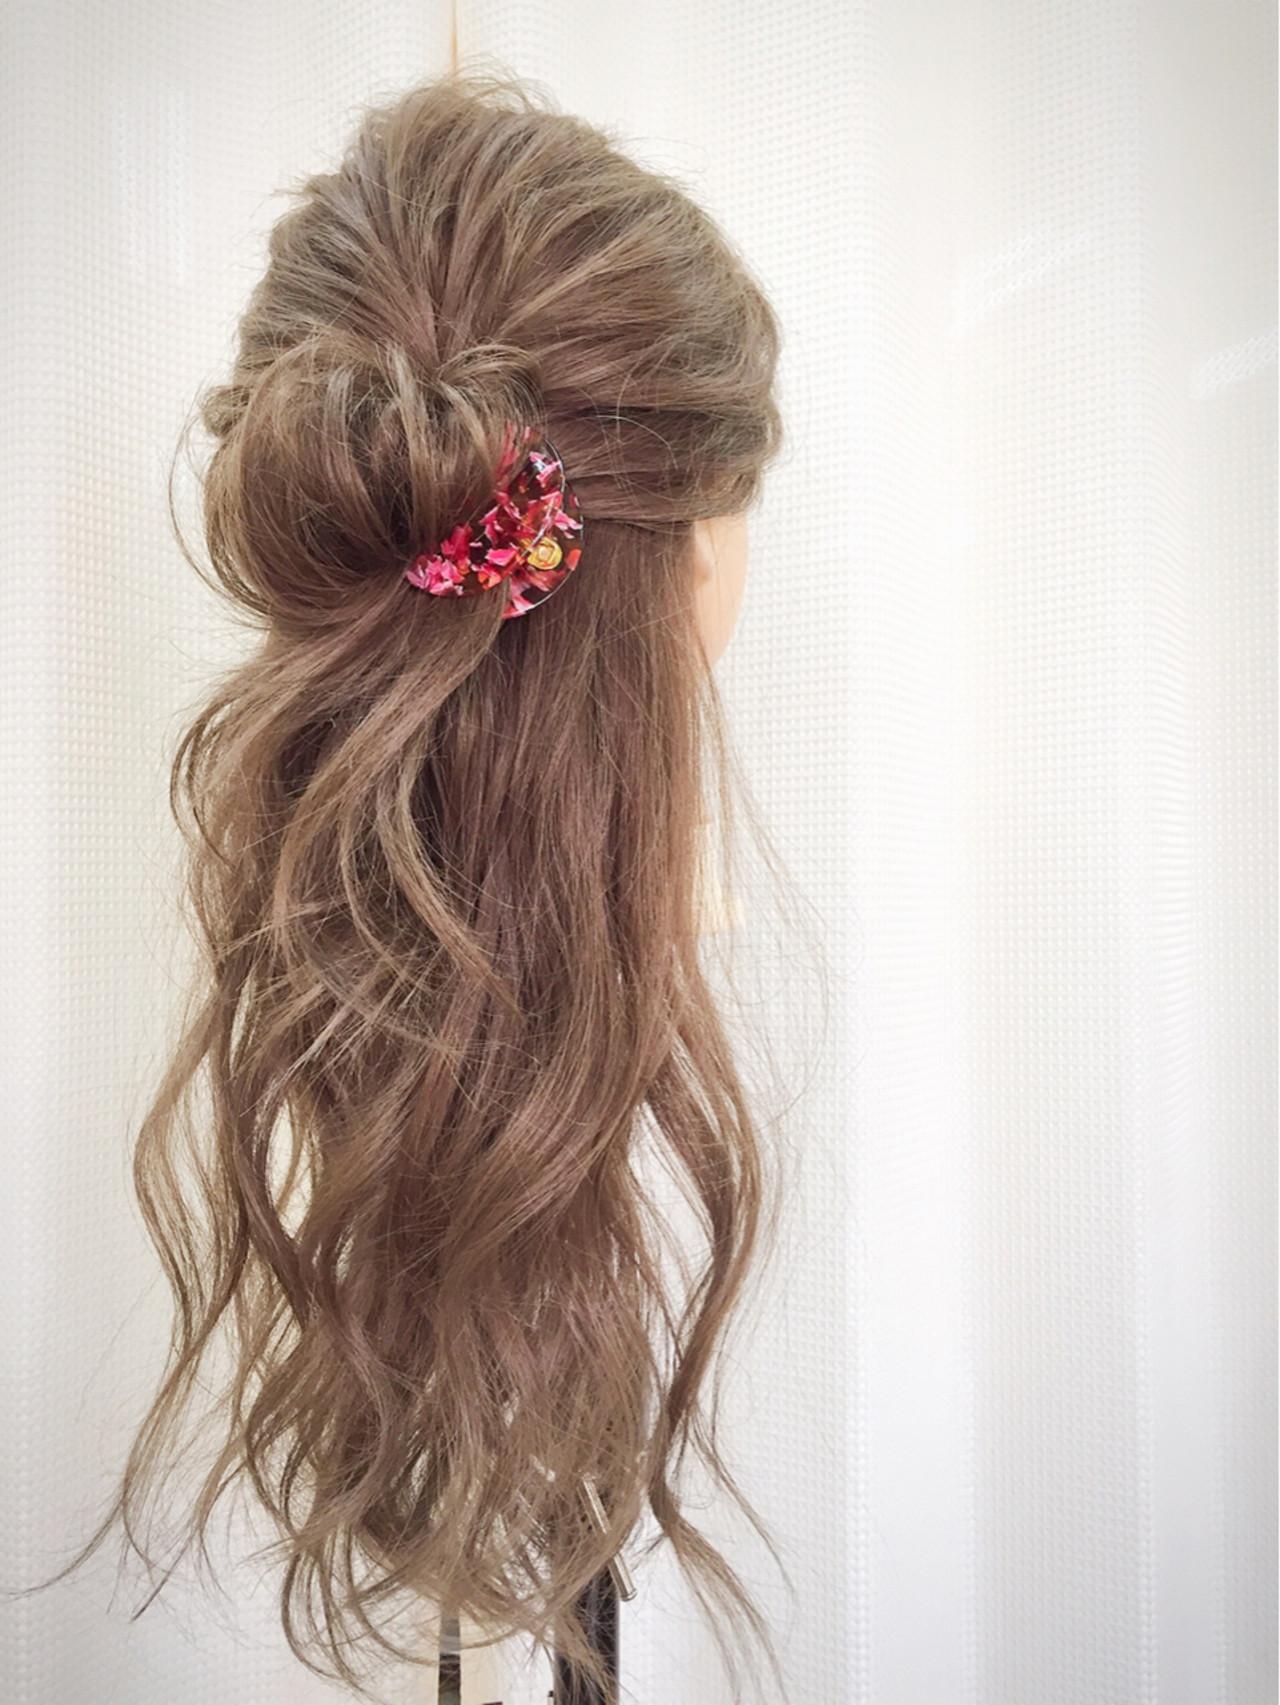 くせ毛風 ハーフアップ ショート 簡単ヘアアレンジ ヘアスタイルや髪型の写真・画像